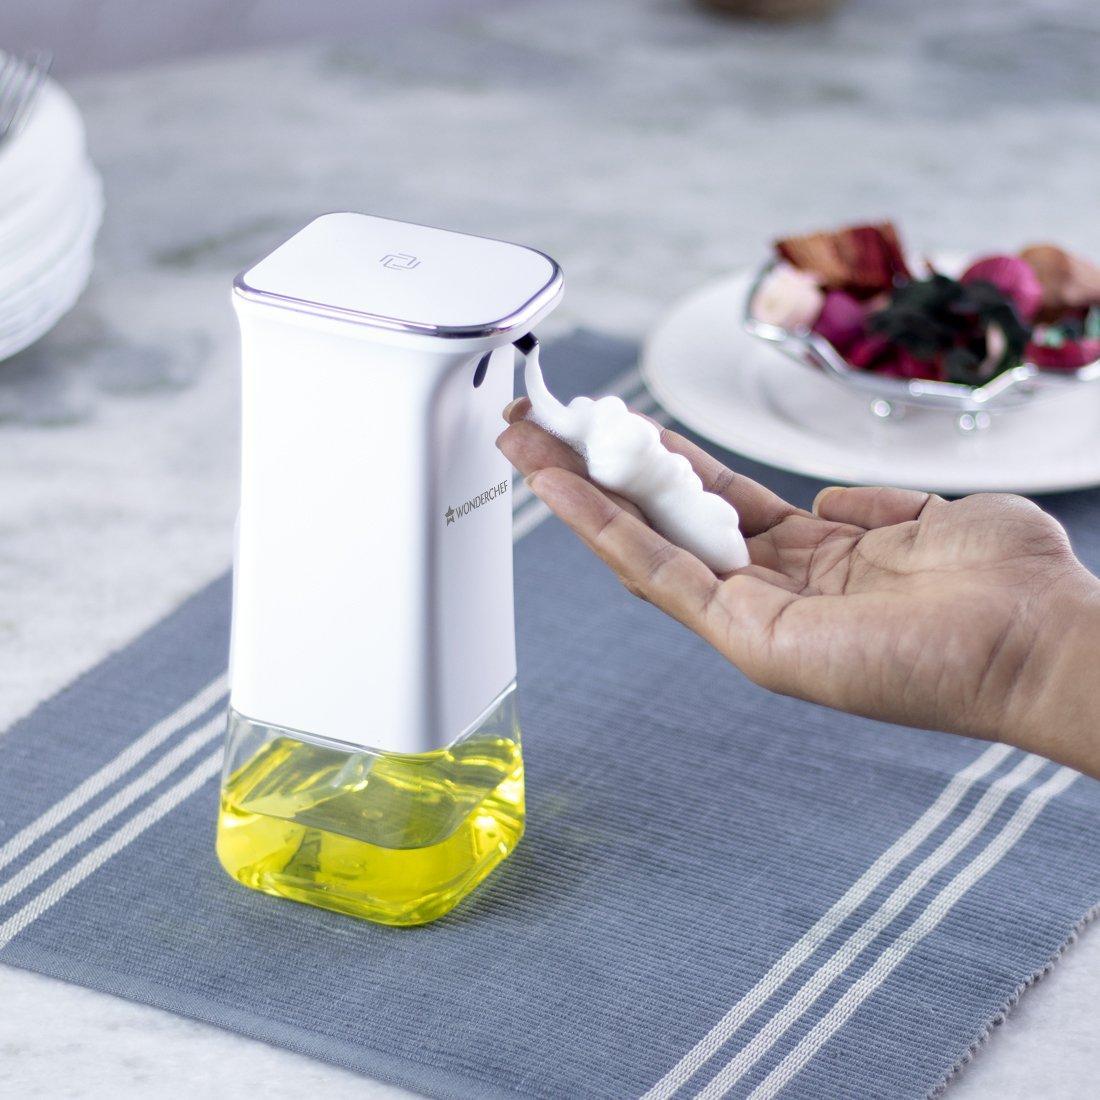 Mini Automatic Soap Dispenser